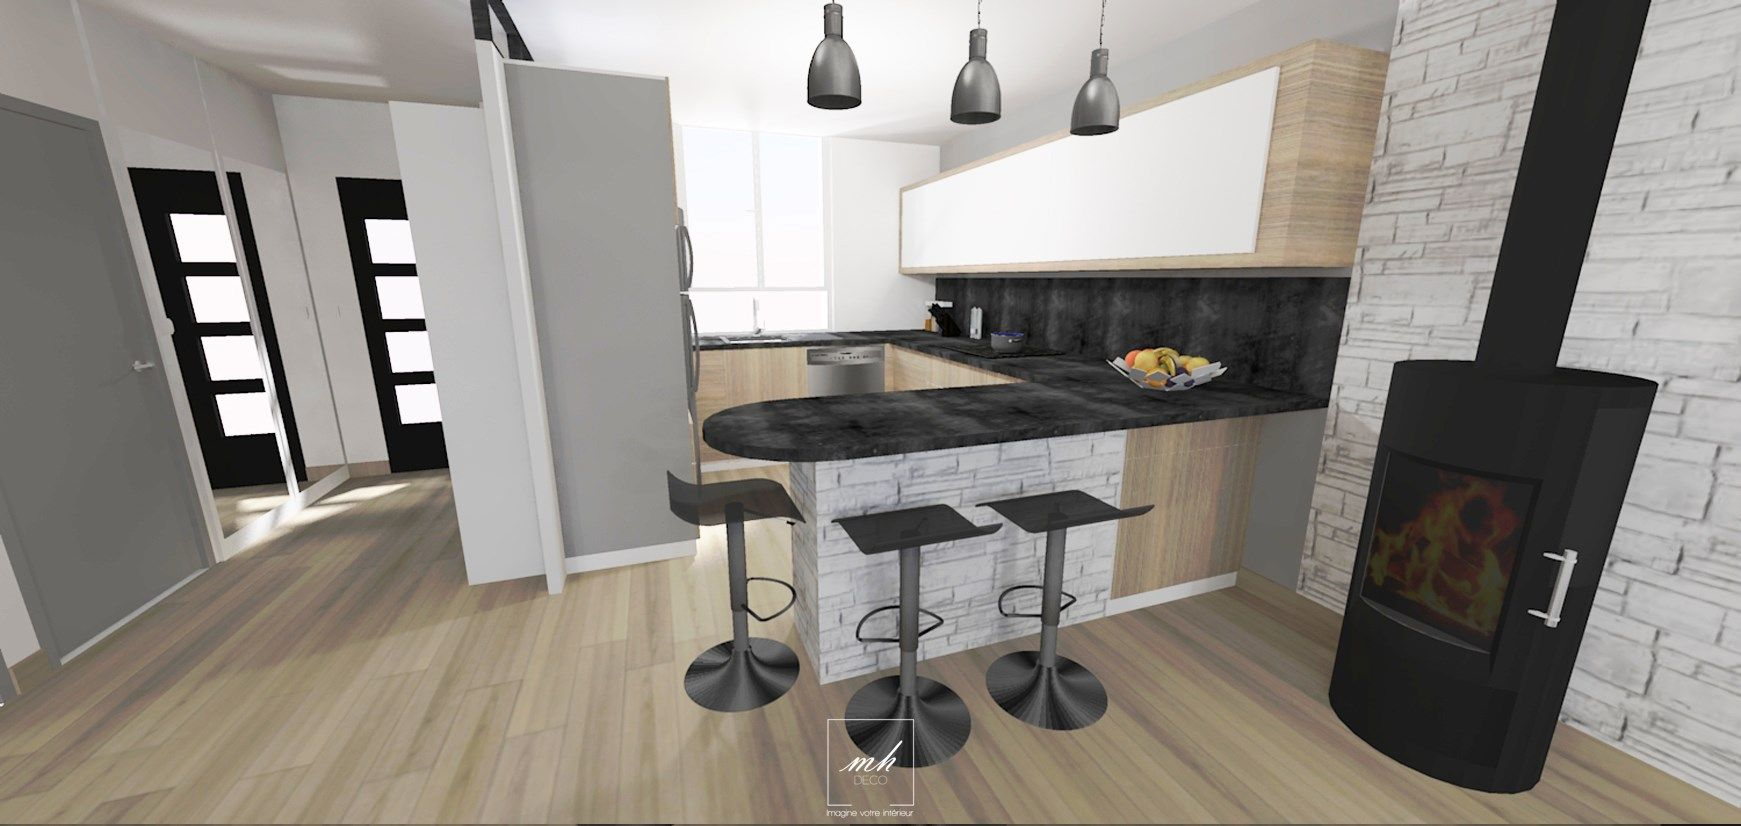 ambiance chaleureuse dans cette cuisine d 39 ile de france que notre architecte d 39 int rieur a. Black Bedroom Furniture Sets. Home Design Ideas